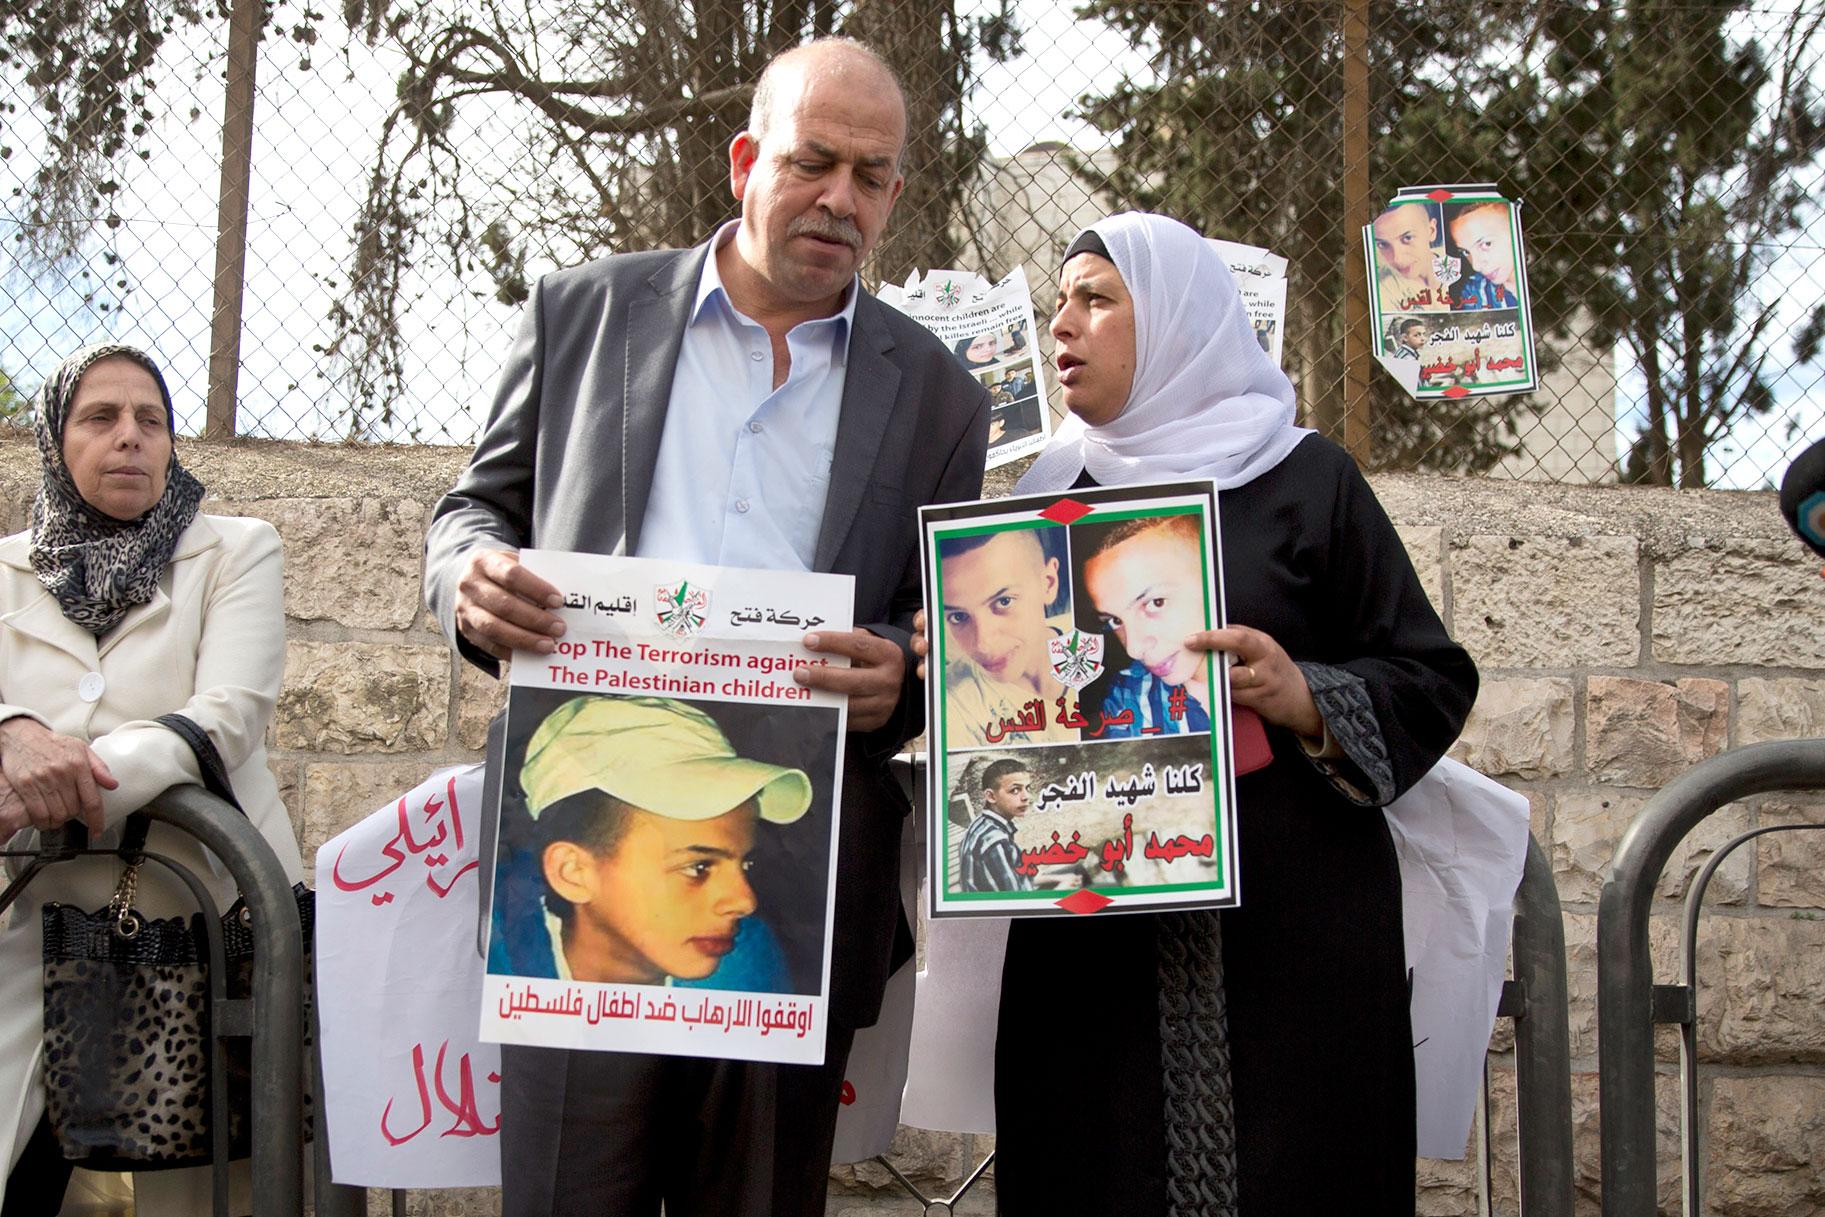 מה אמרה משפחתו של מוחמד אבו חדיר על אופן הטיפול בתיק הרצח שלו?